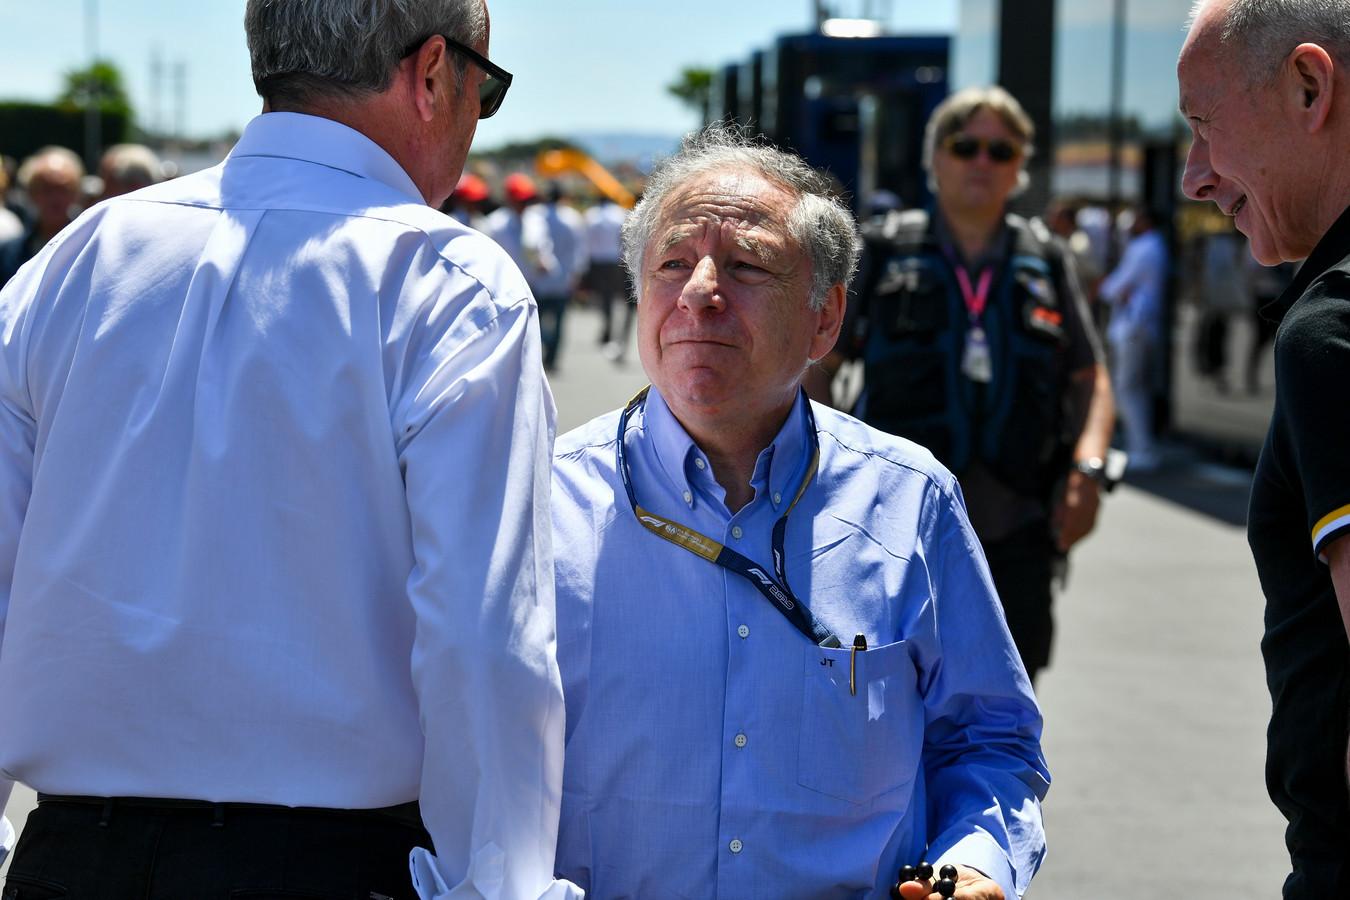 Voorzitter Jean Todt van de internationale autosportfederatie FIA